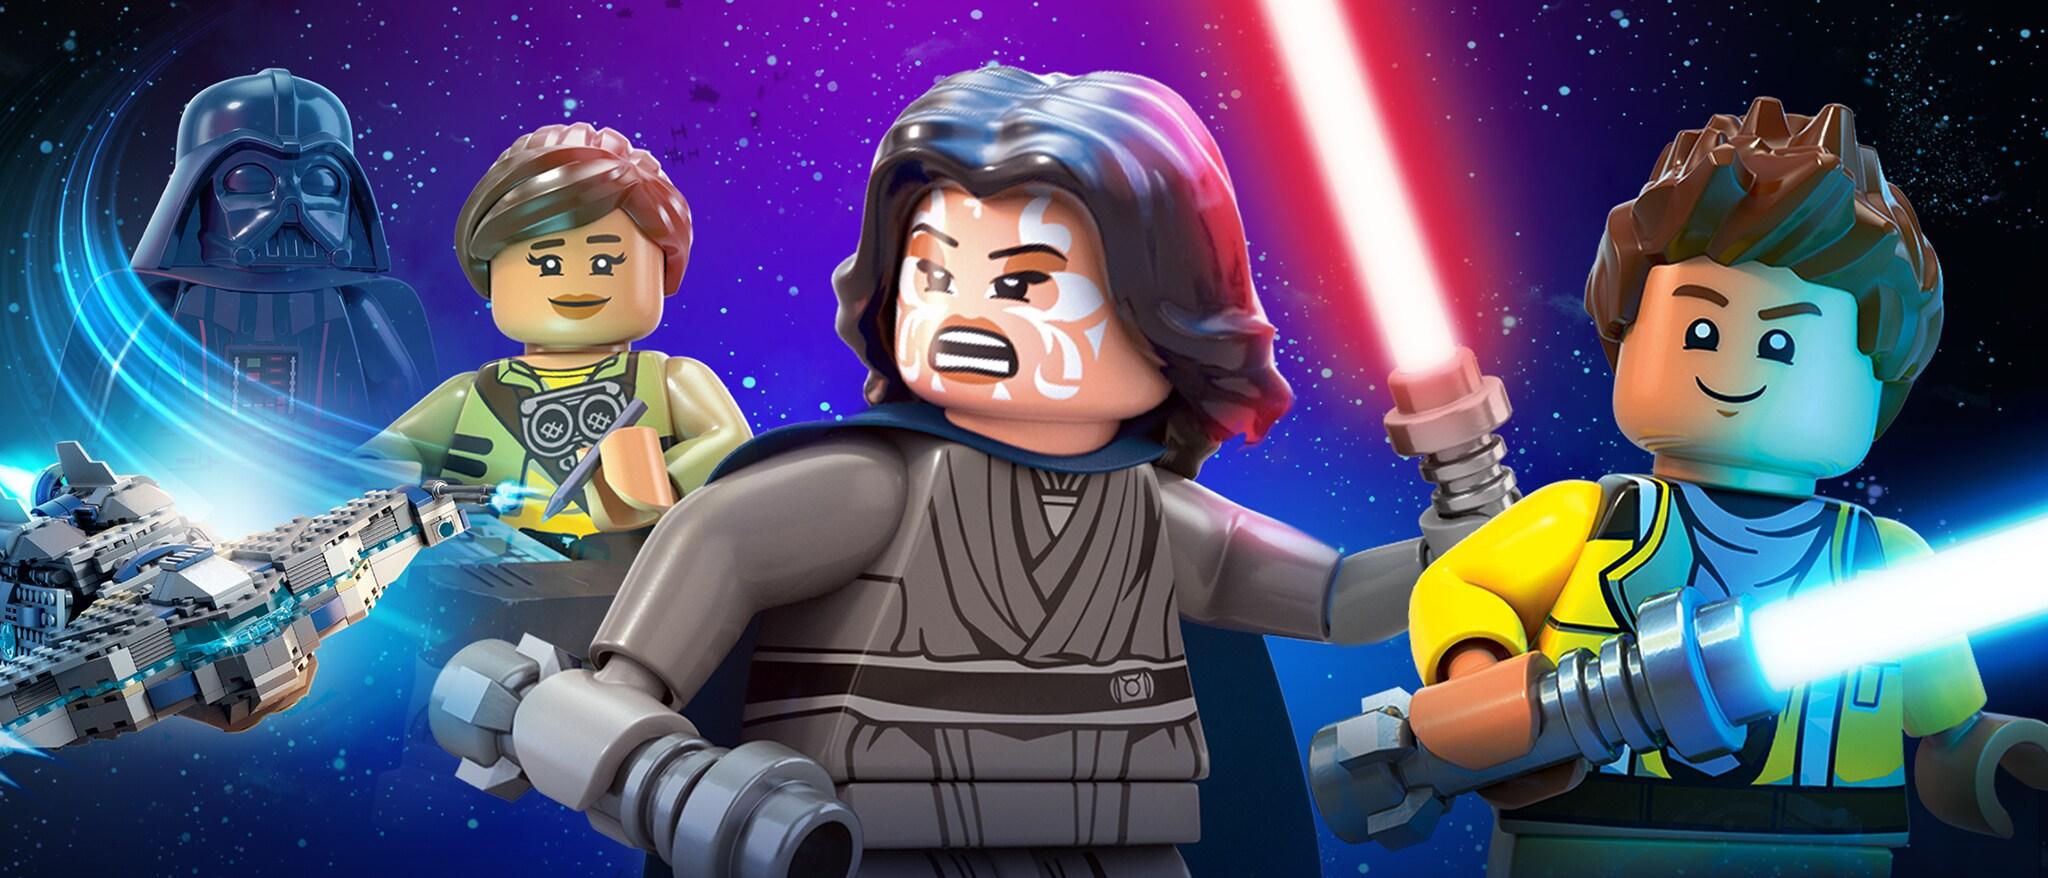 Lego Star Wars: The Freemaker Adventures hero